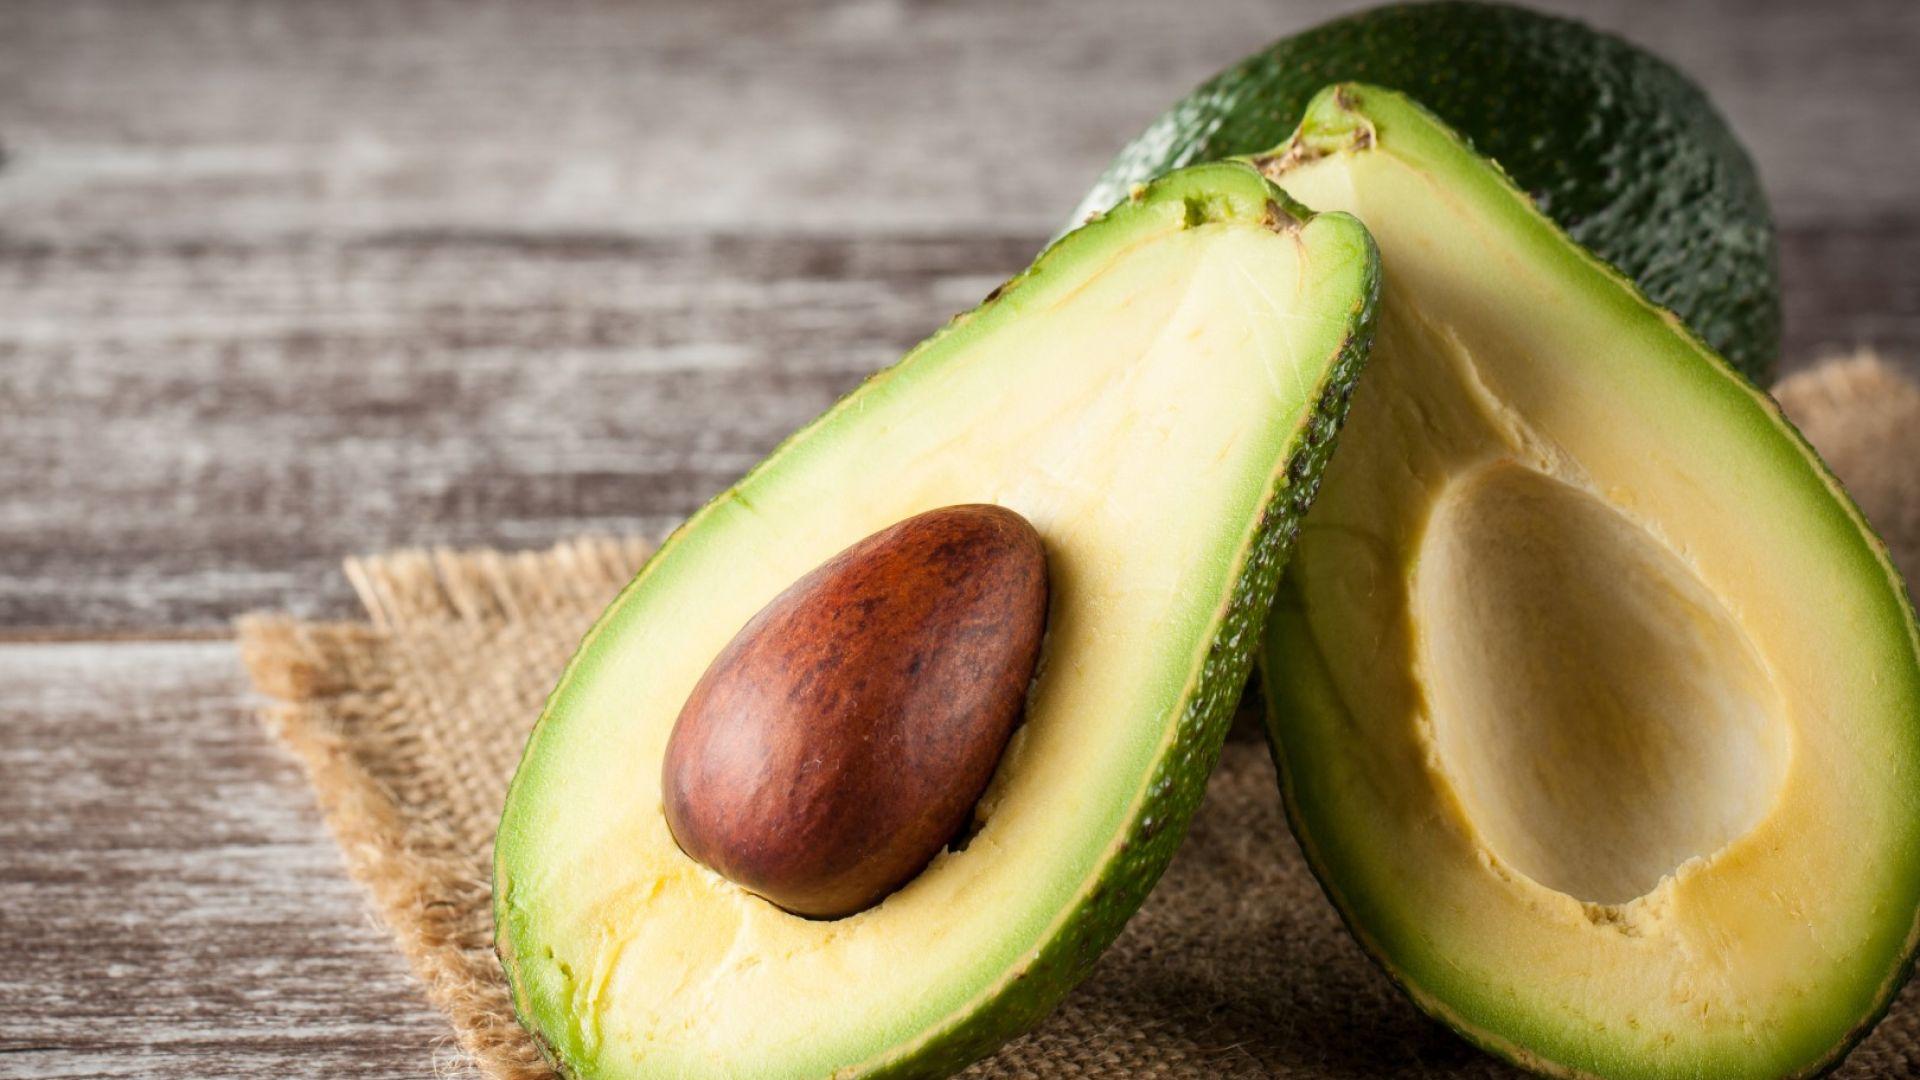 Затварянето на границата между САЩ и Мексико води до недостиг на авокадо